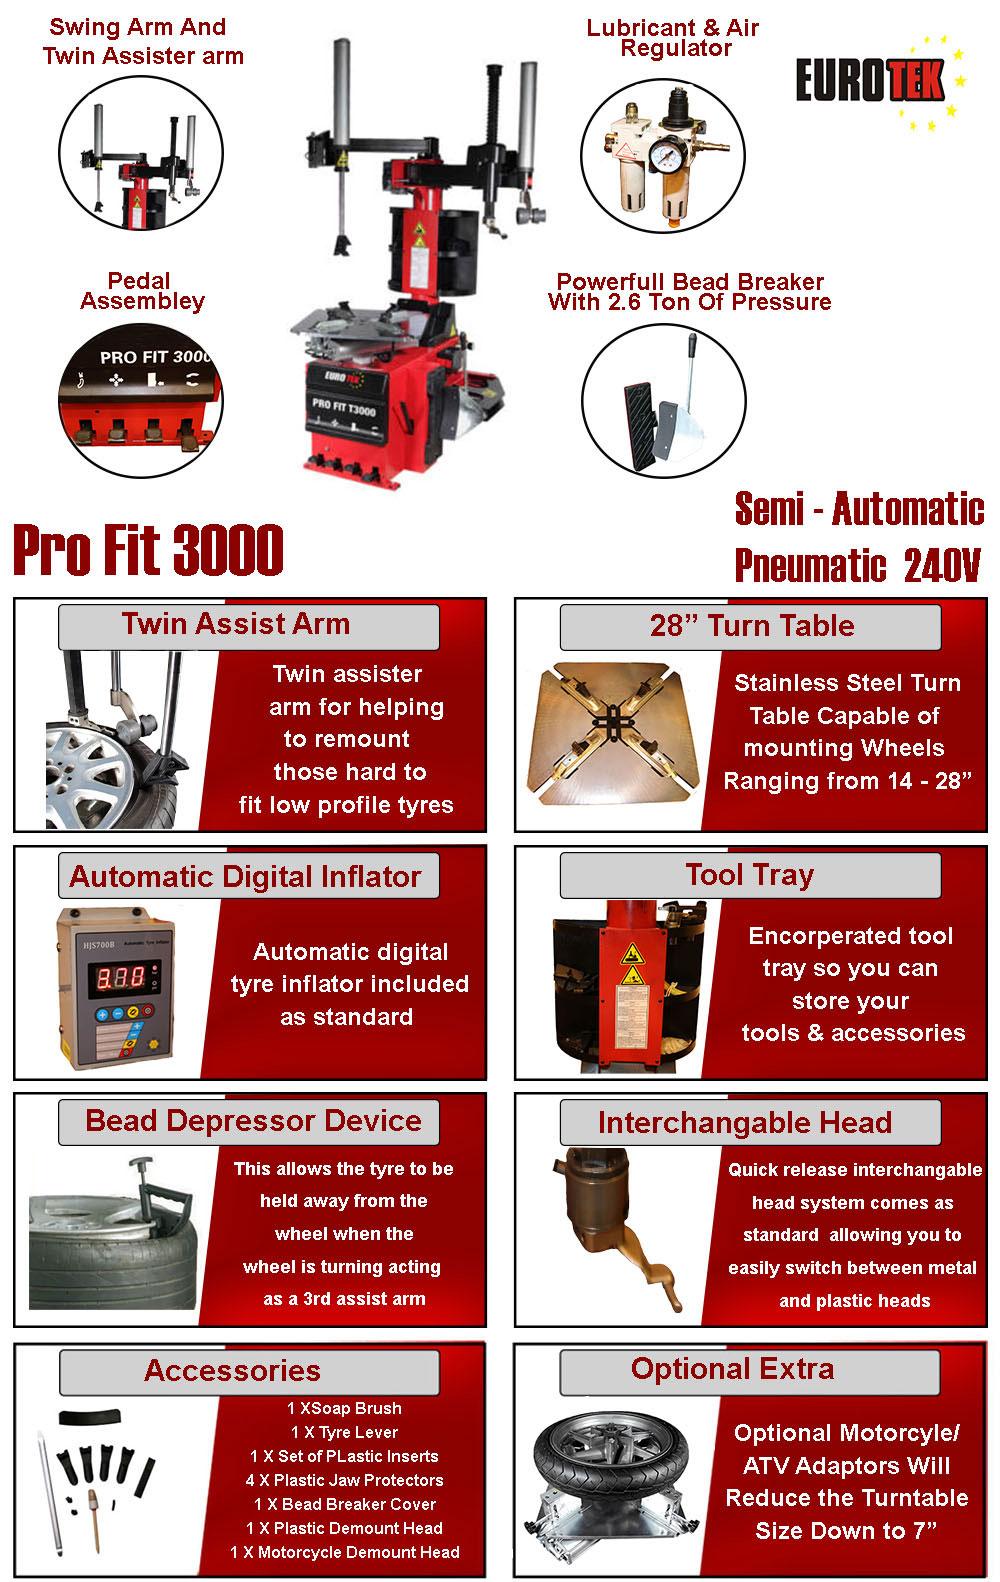 information flyer for Eurotek pro fit 3000 tyre changer